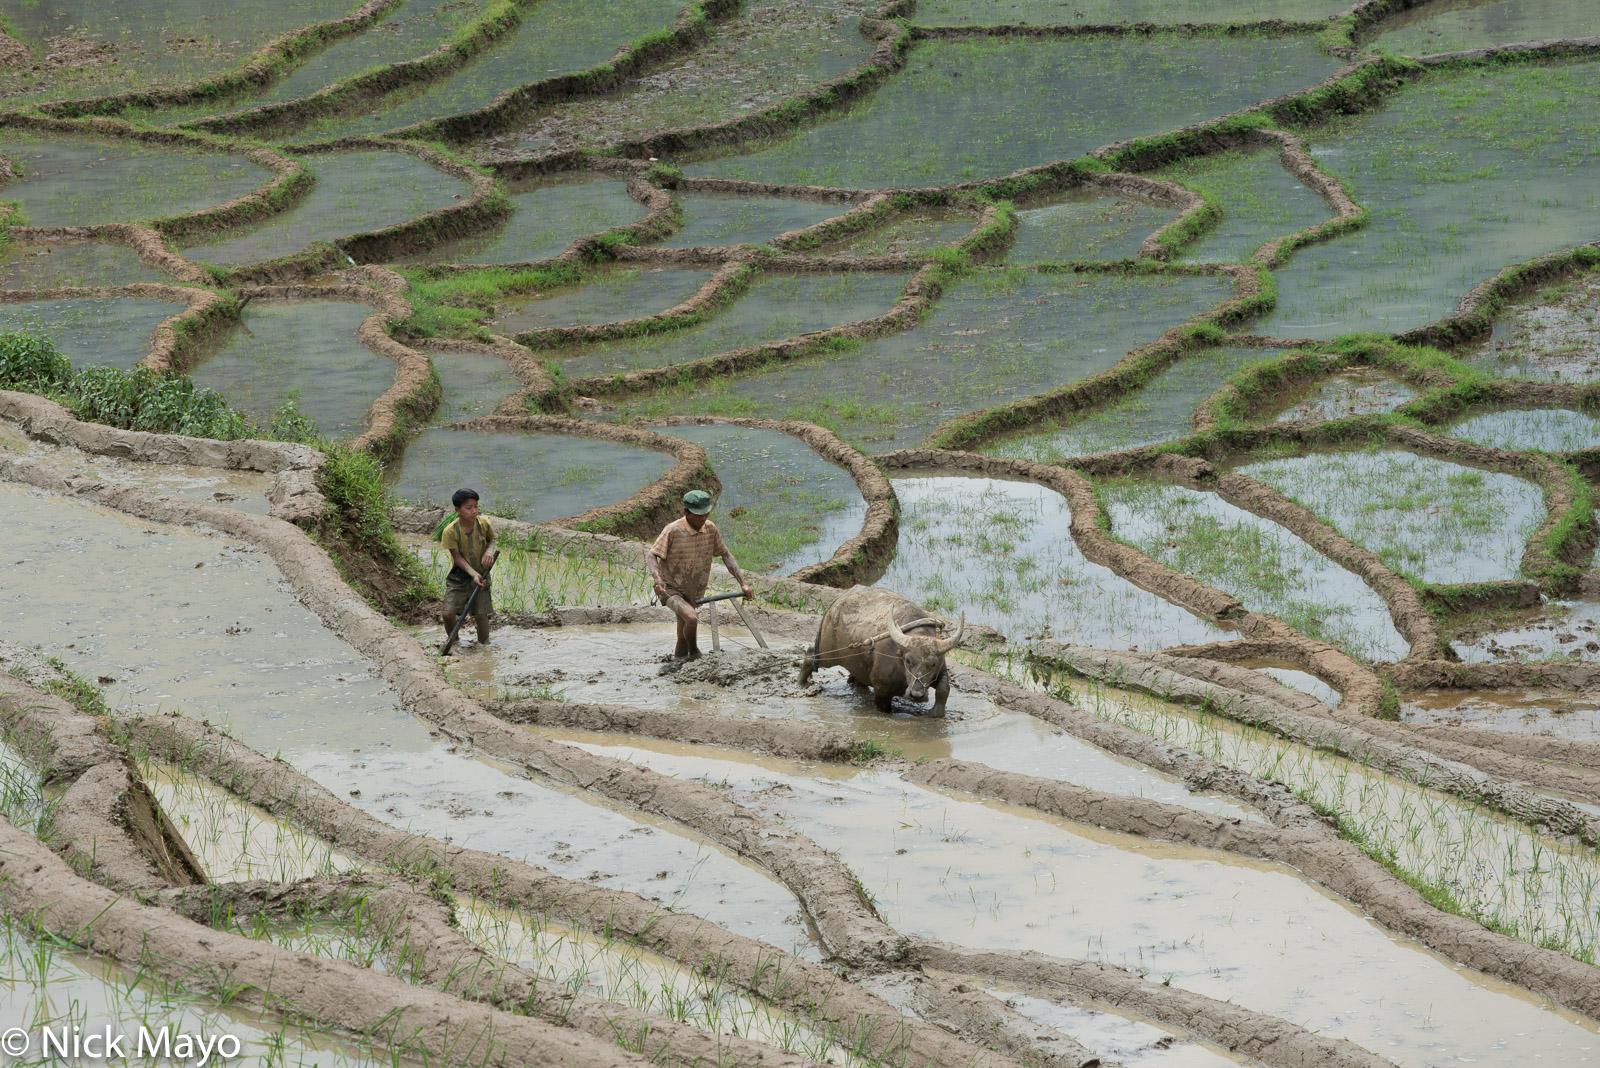 Hani, Lao Cai, Ploughing, Vietnam, Water Buffalo, photo